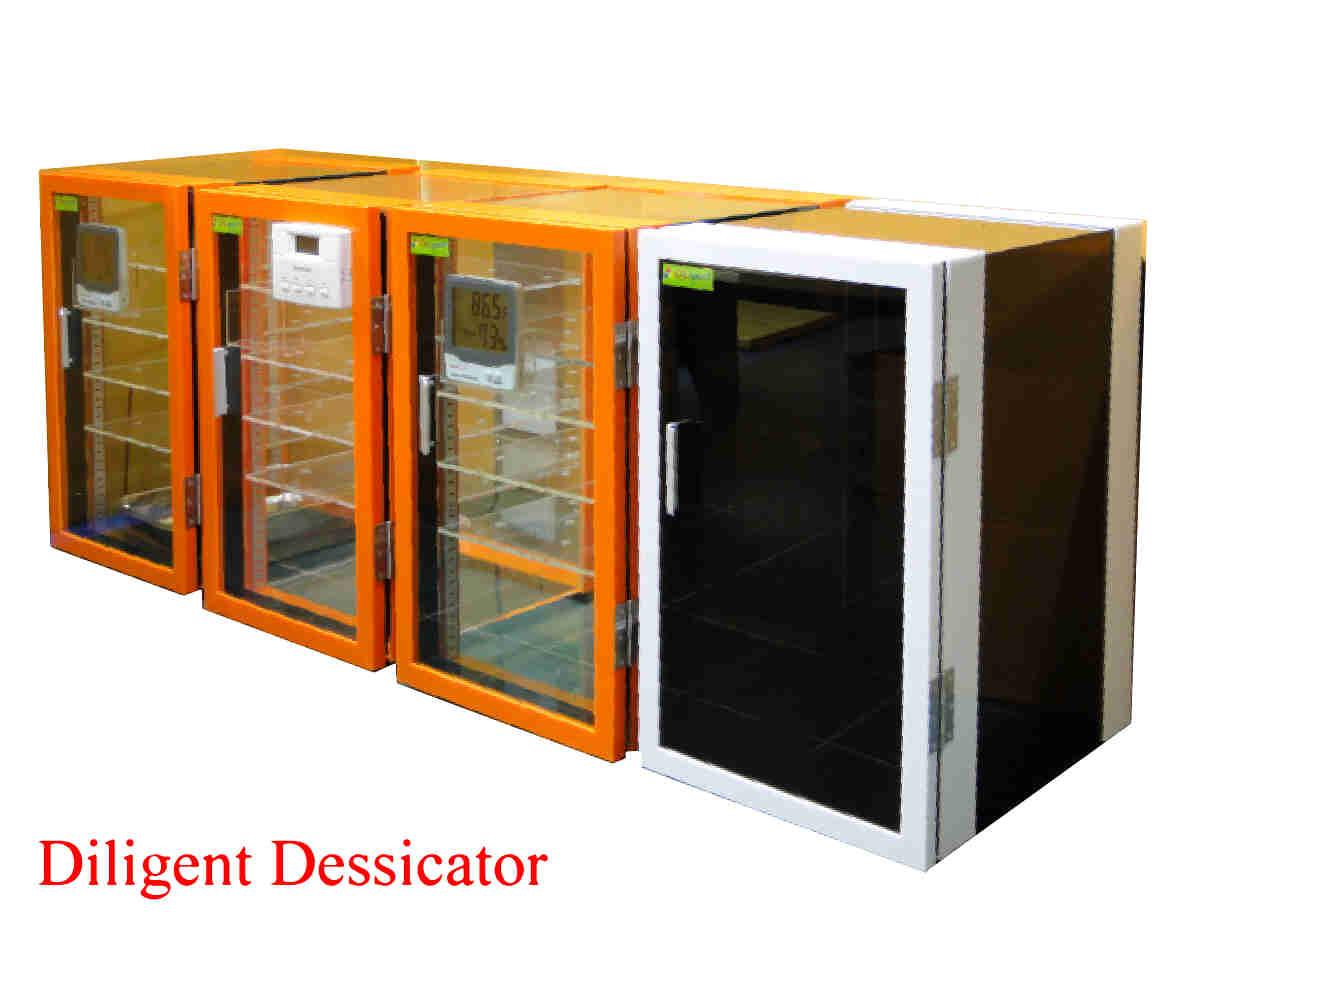 ตู้ดูดความชื้น Desiccator Cabinet แบบใช้ Silica gel Model DE-57 ทำจากพลาสติก 3